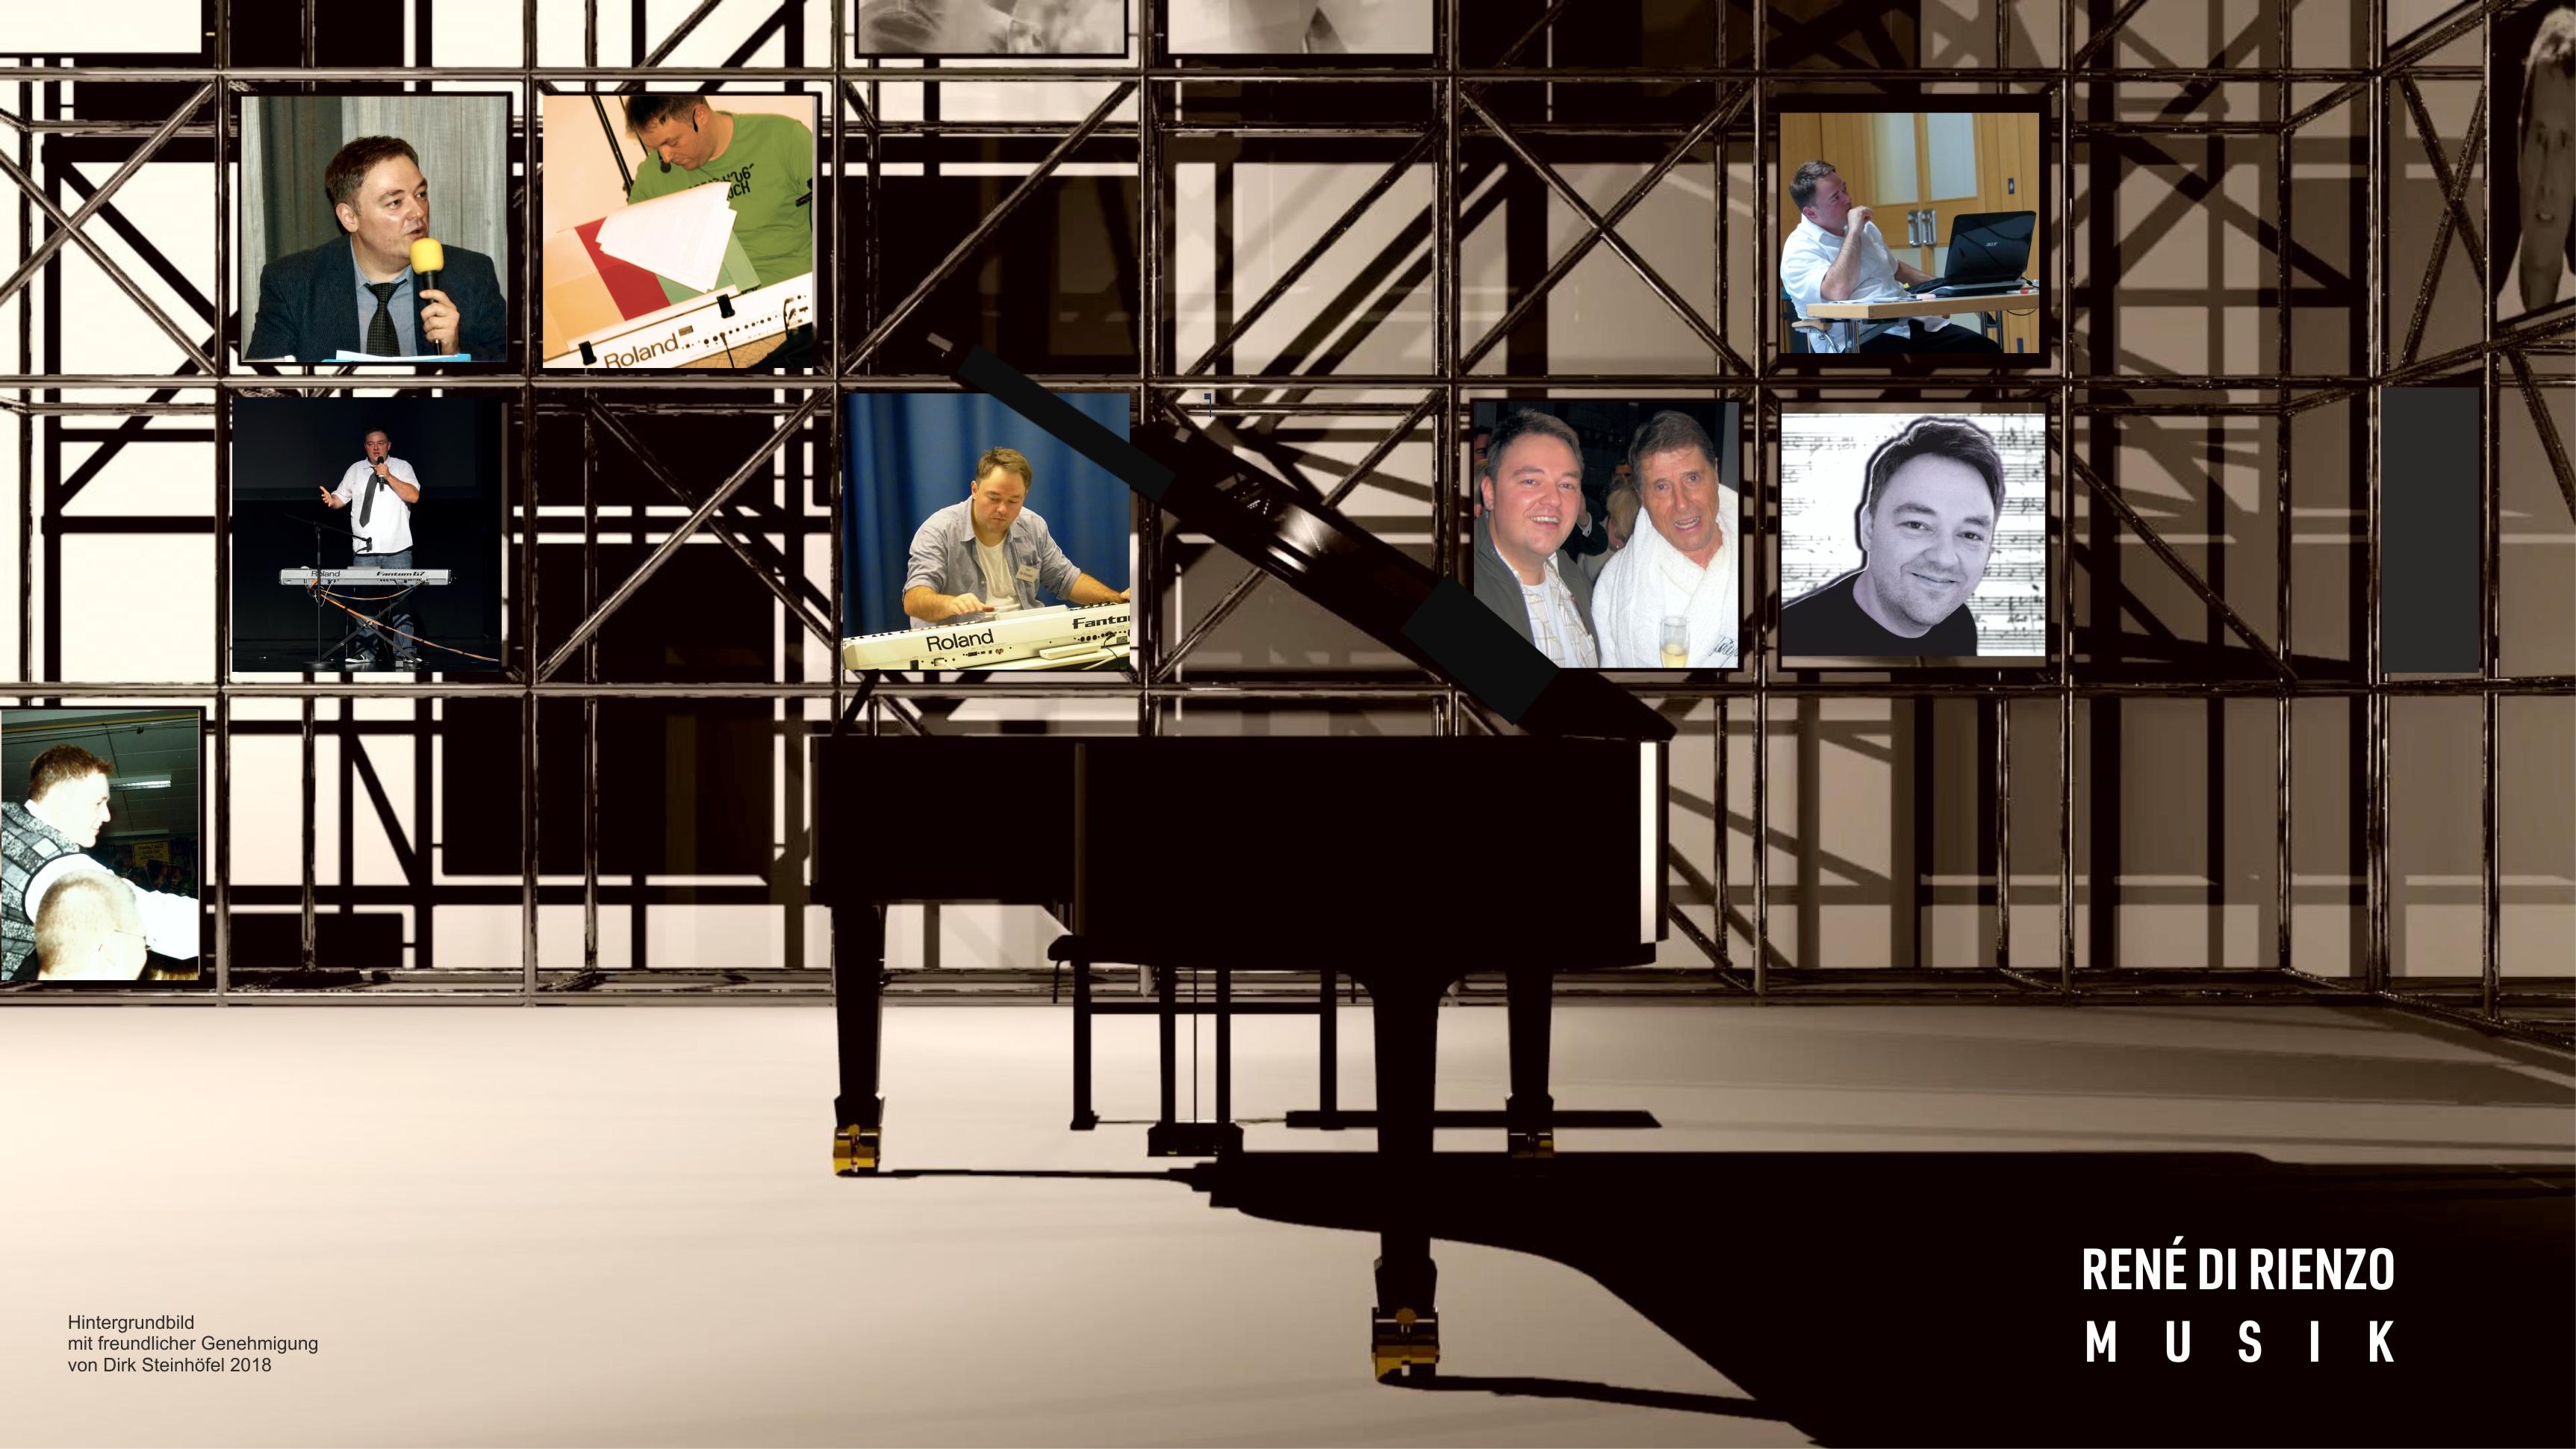 René Di Rienzo - Musiker/Musikproduktion